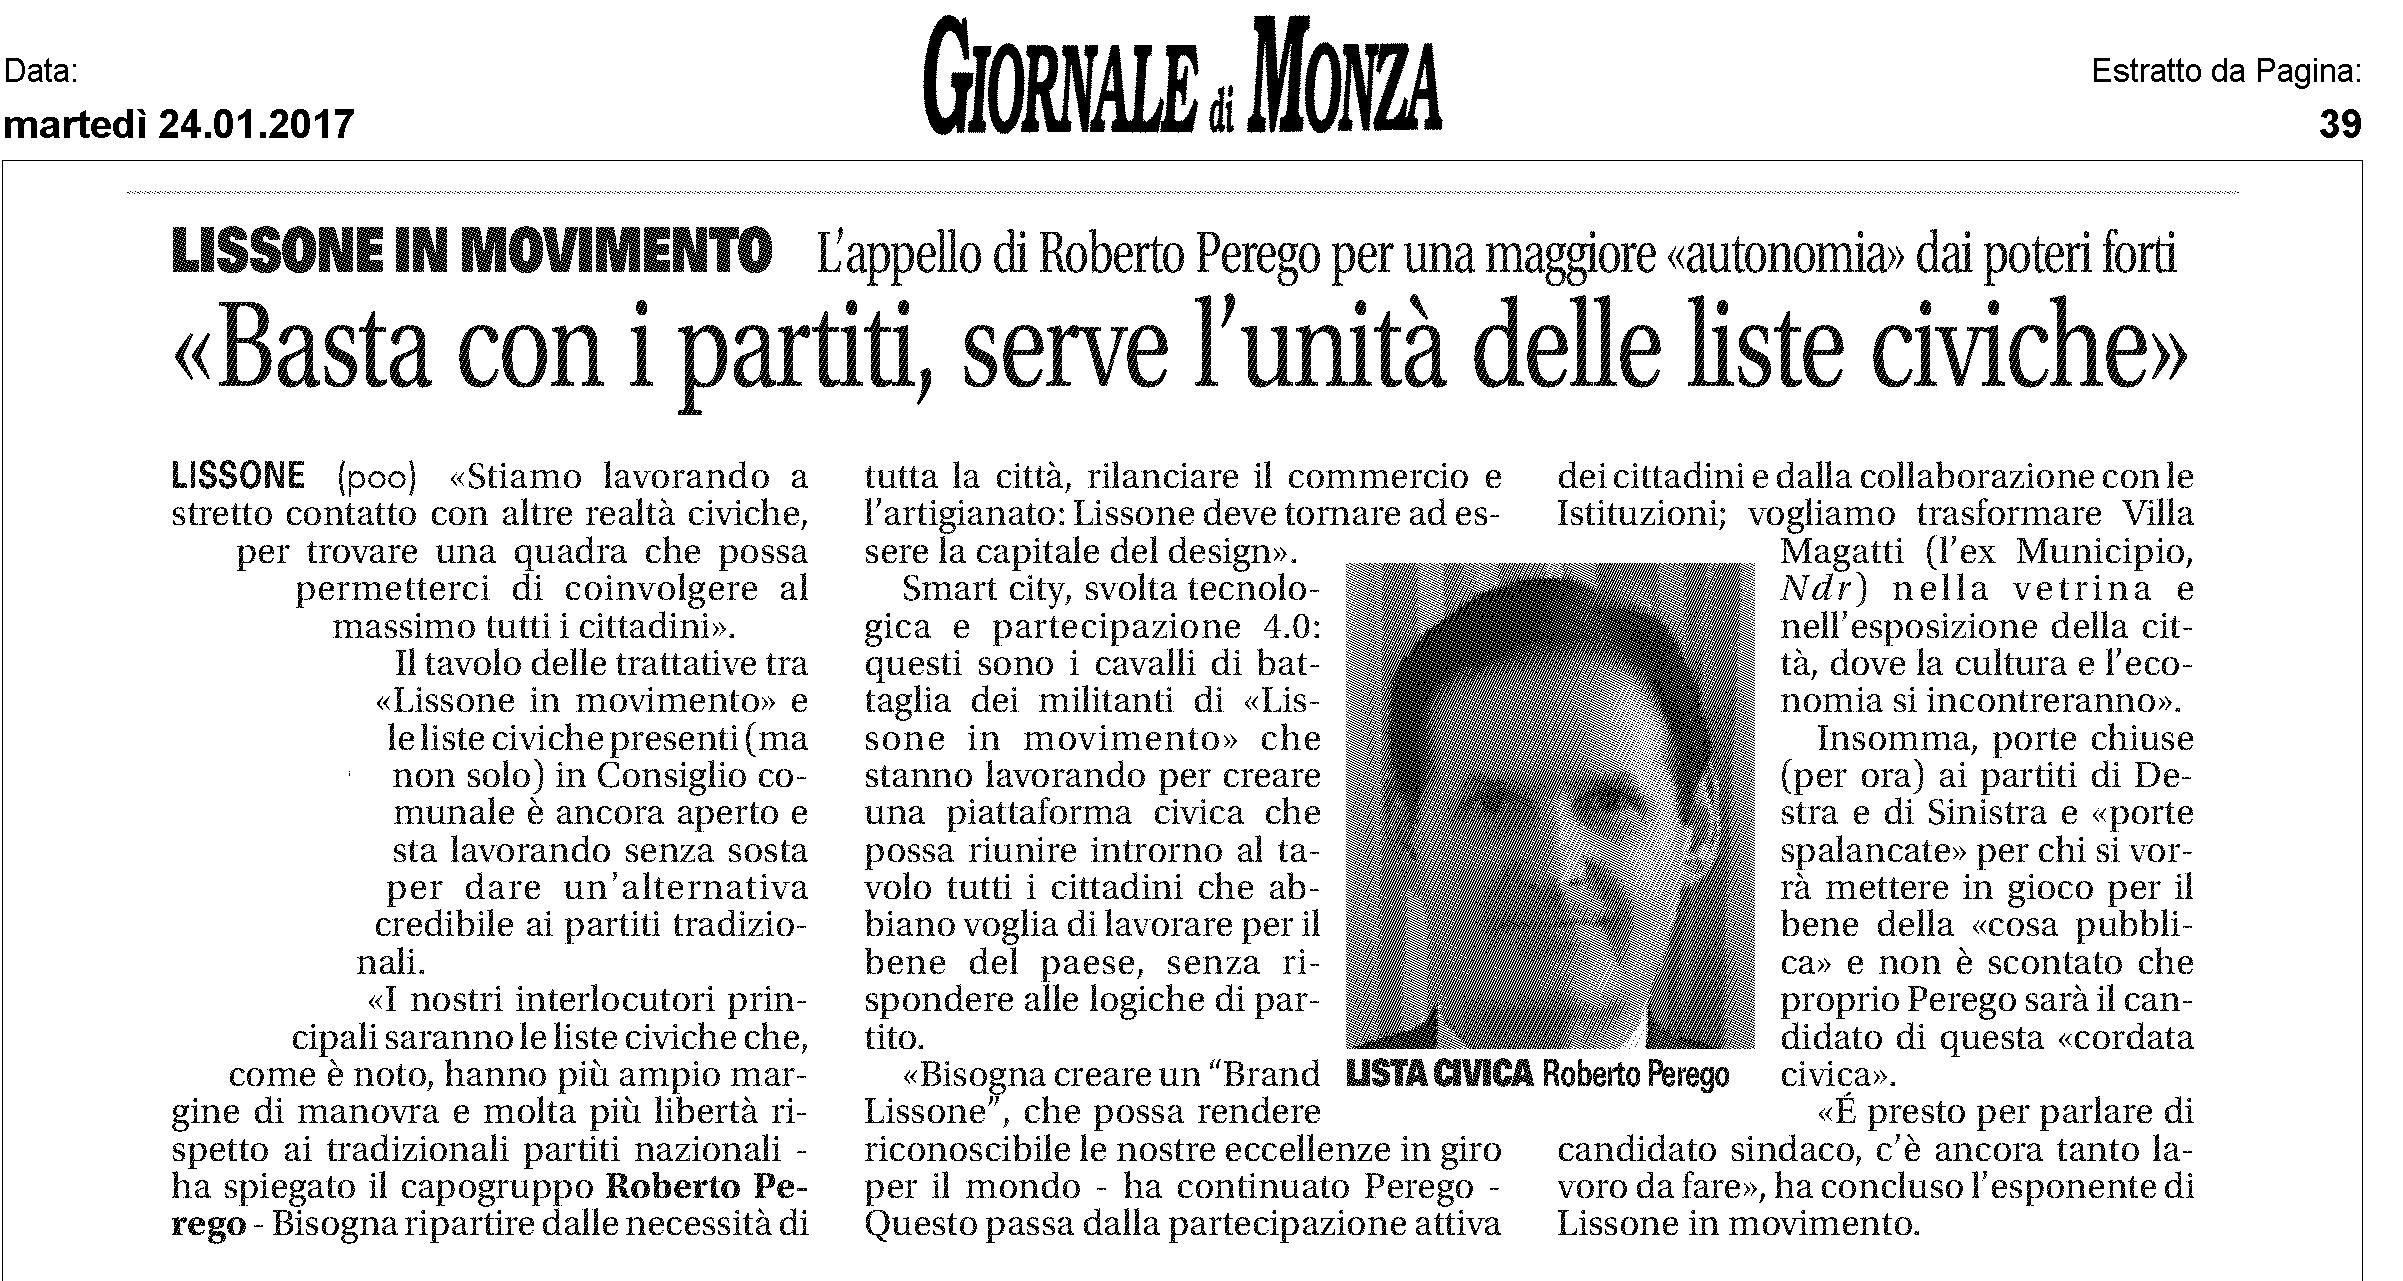 Giornale di Monza 25-1-2017